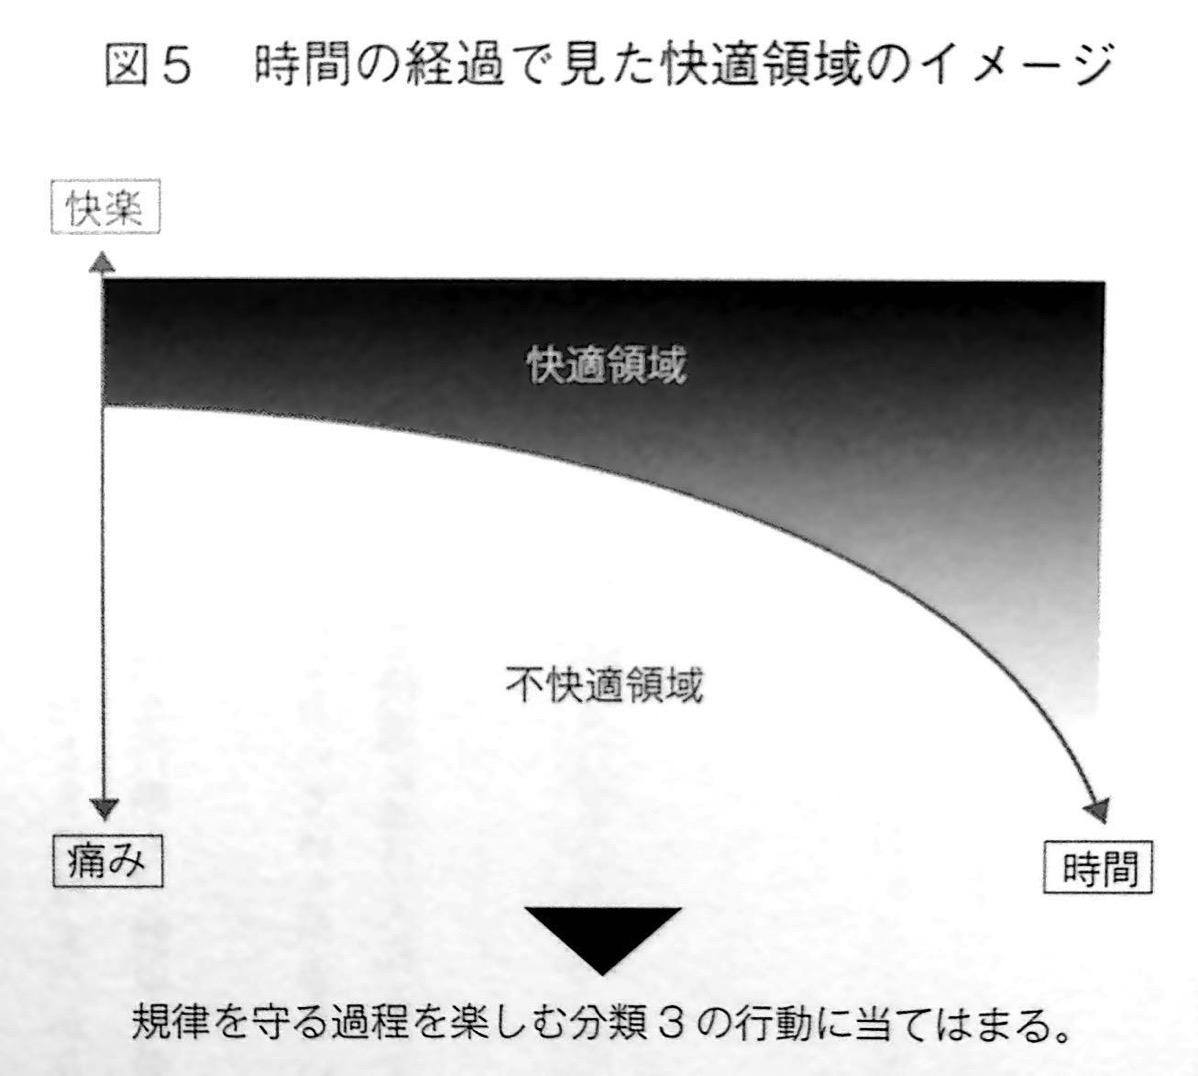 時間経過で見た快適領域のイメージ 第2章 P91